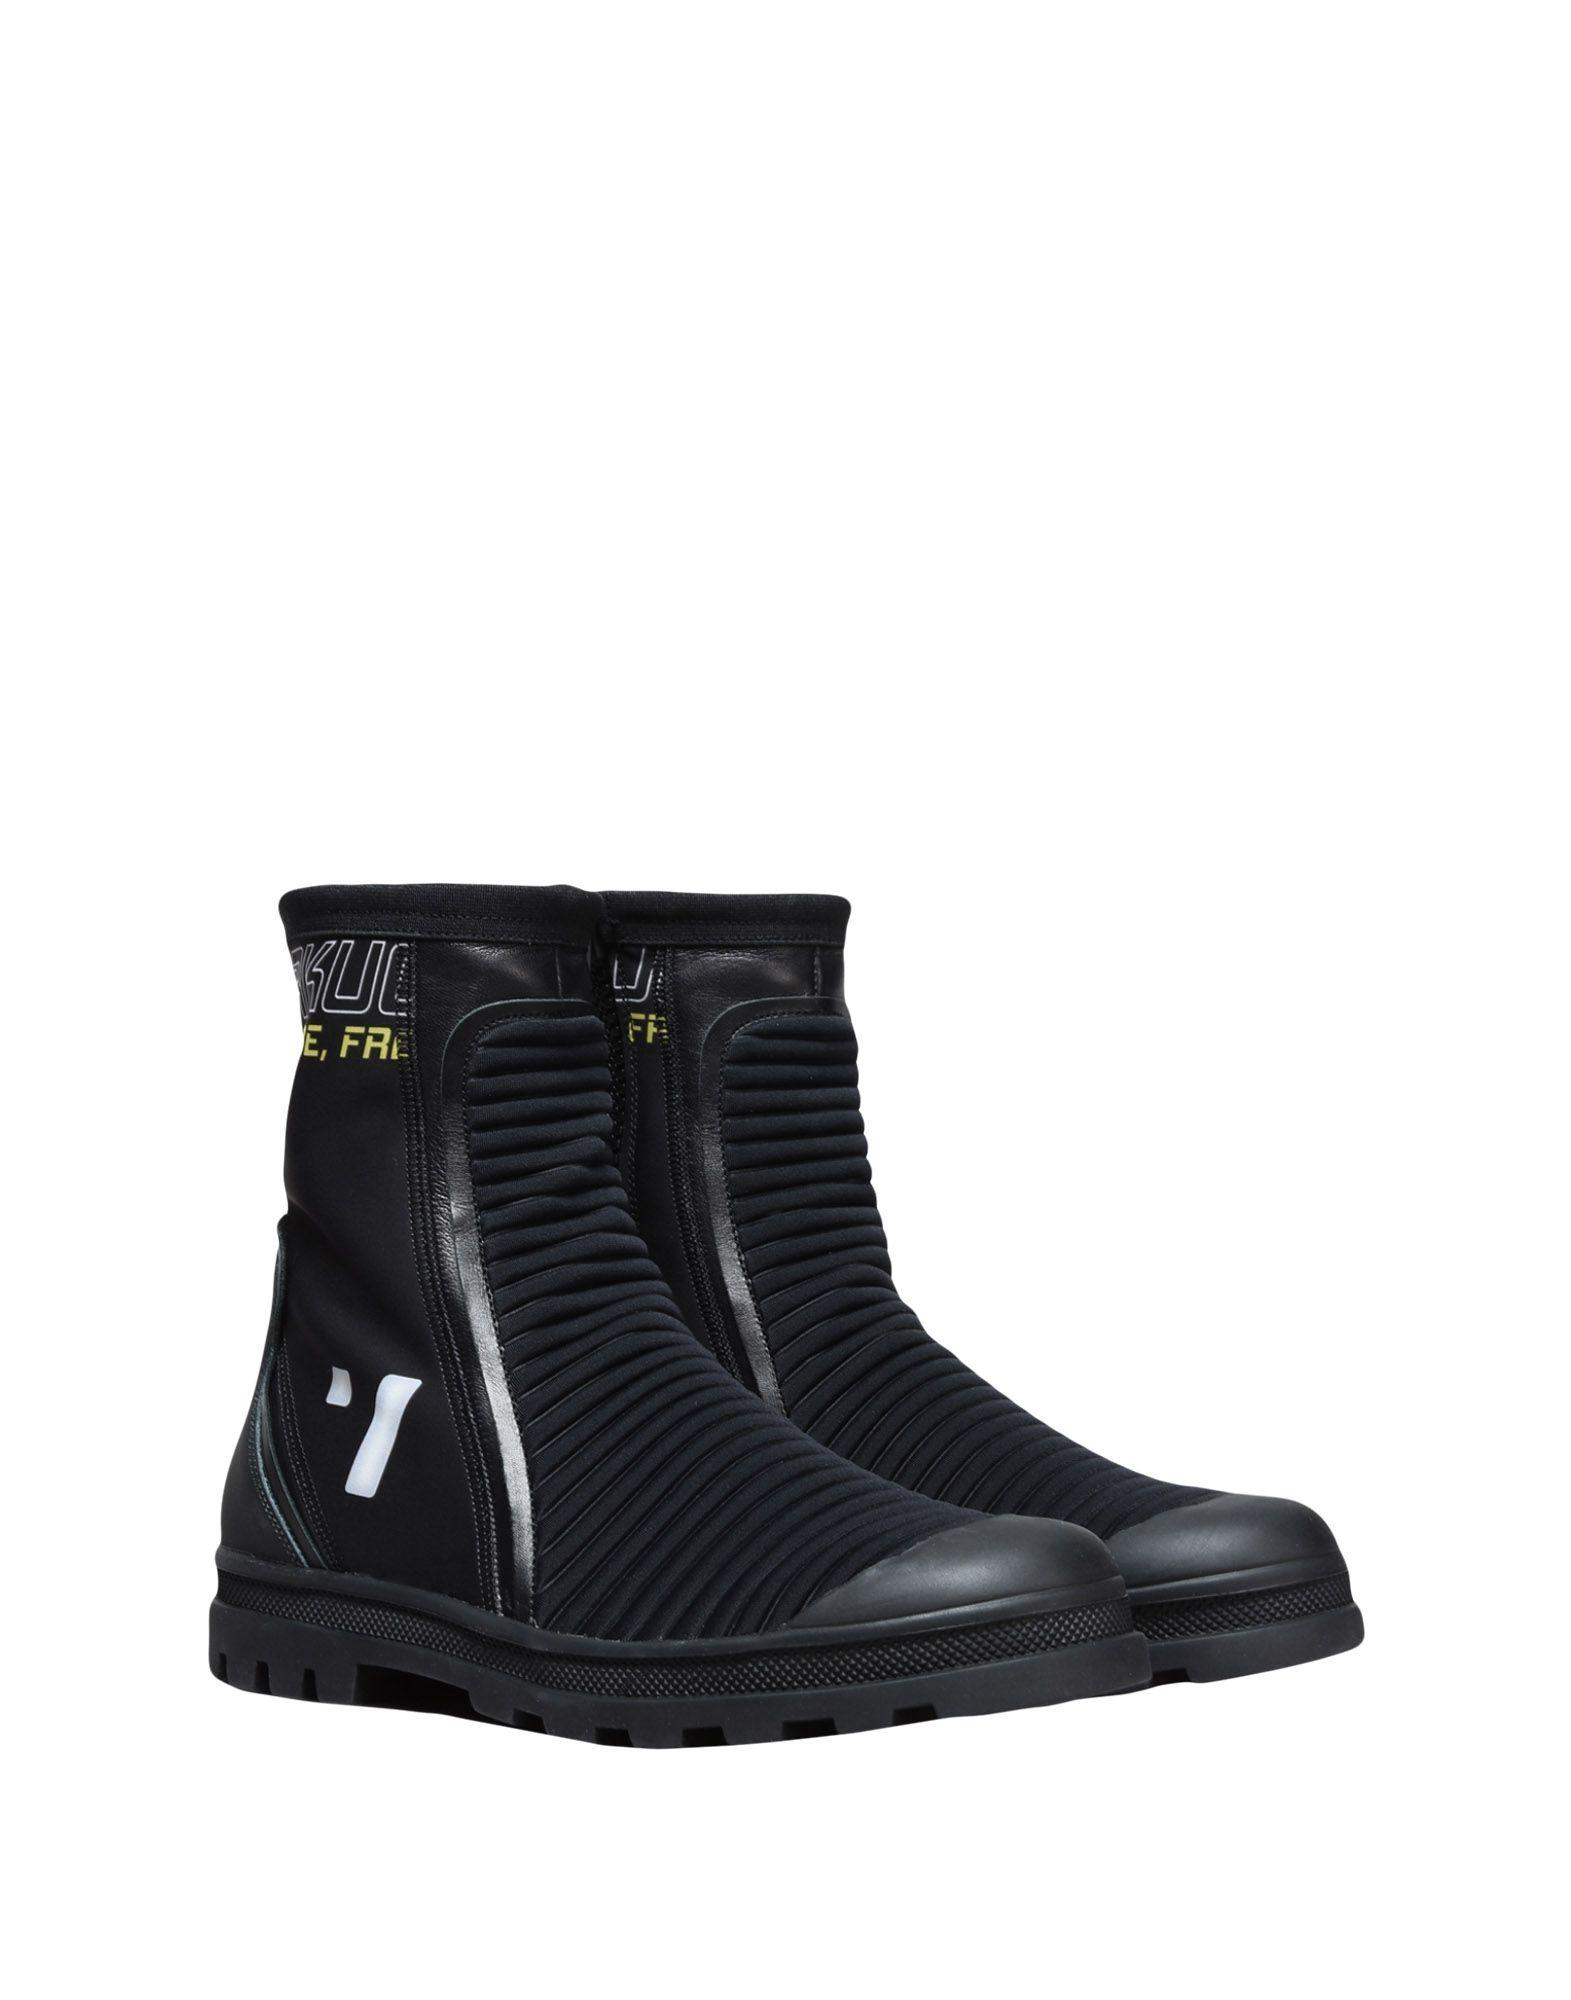 Maison Margiela Stiefelette Herren  11314996GJ Gute Qualität beliebte Schuhe